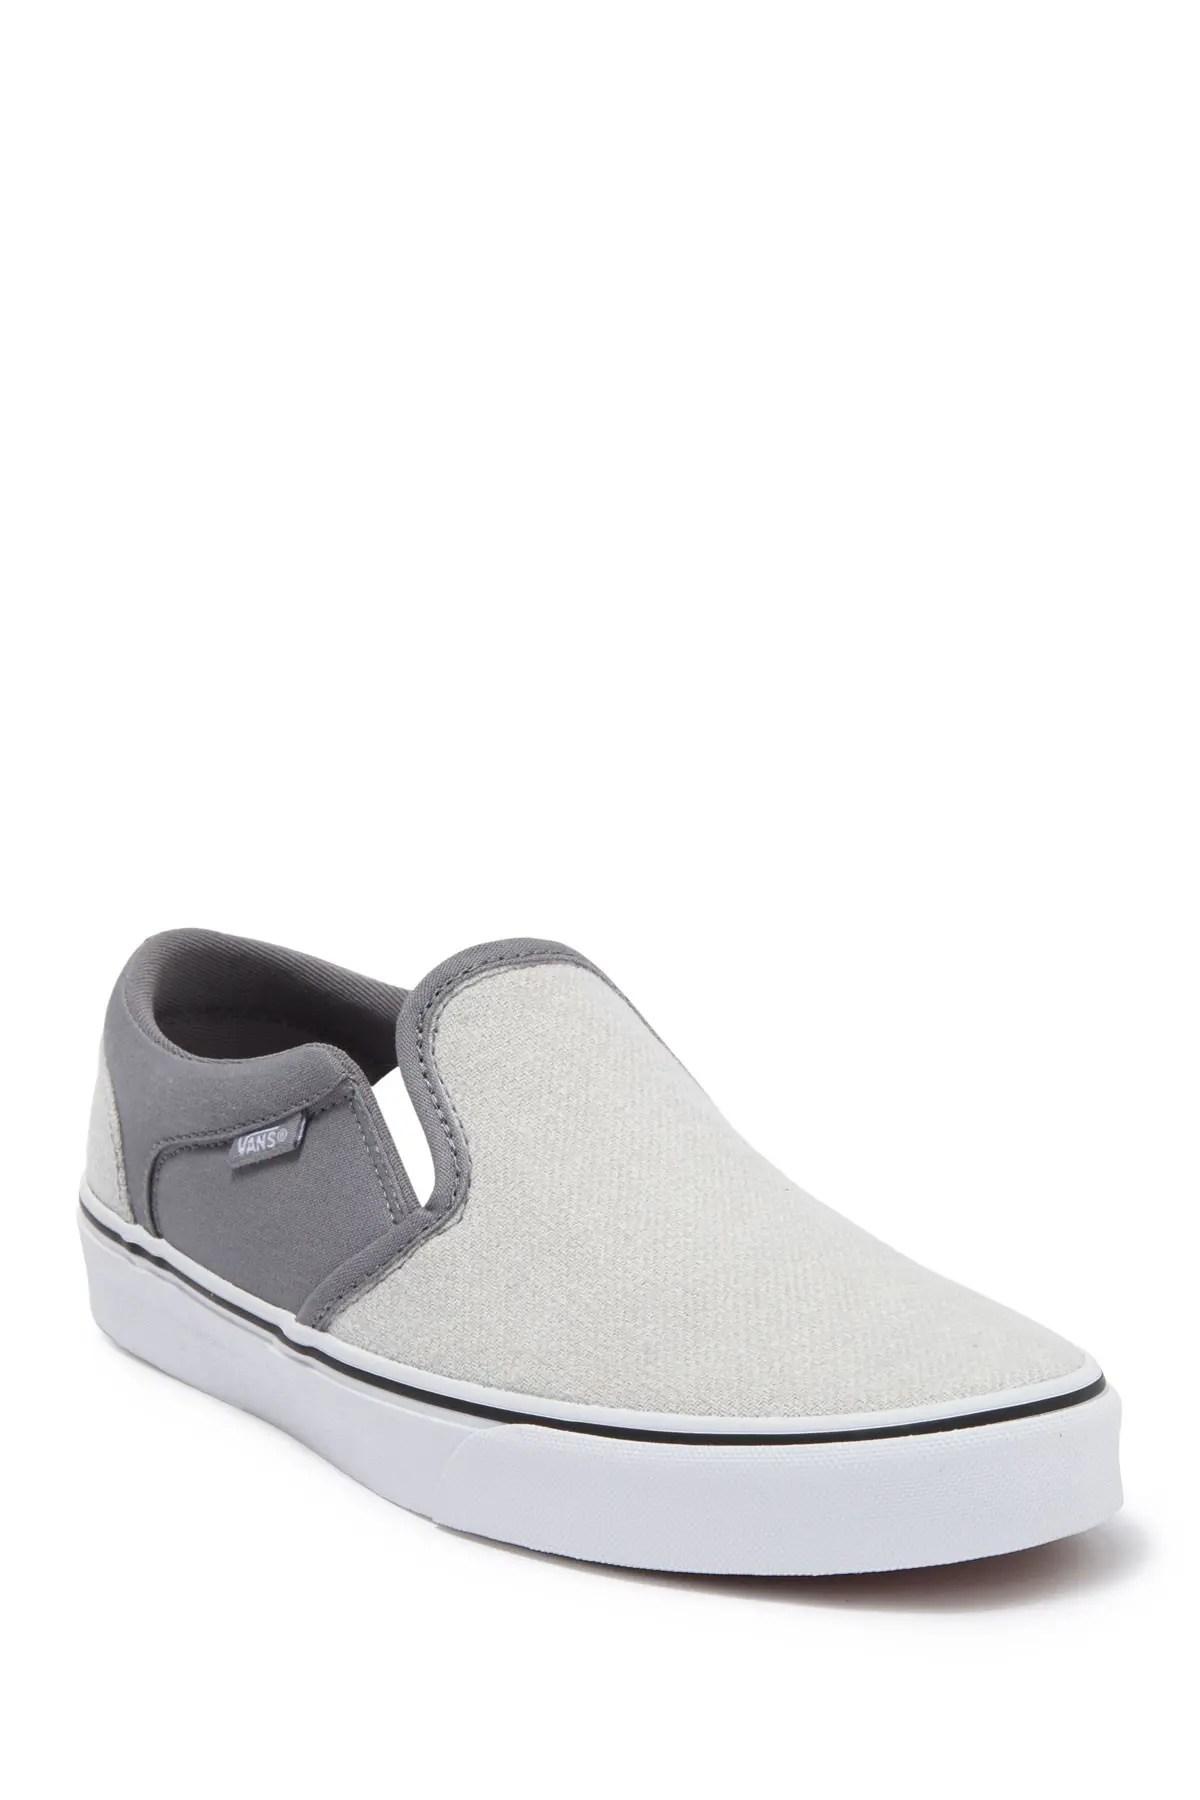 vans sneakers for men nordstrom rack